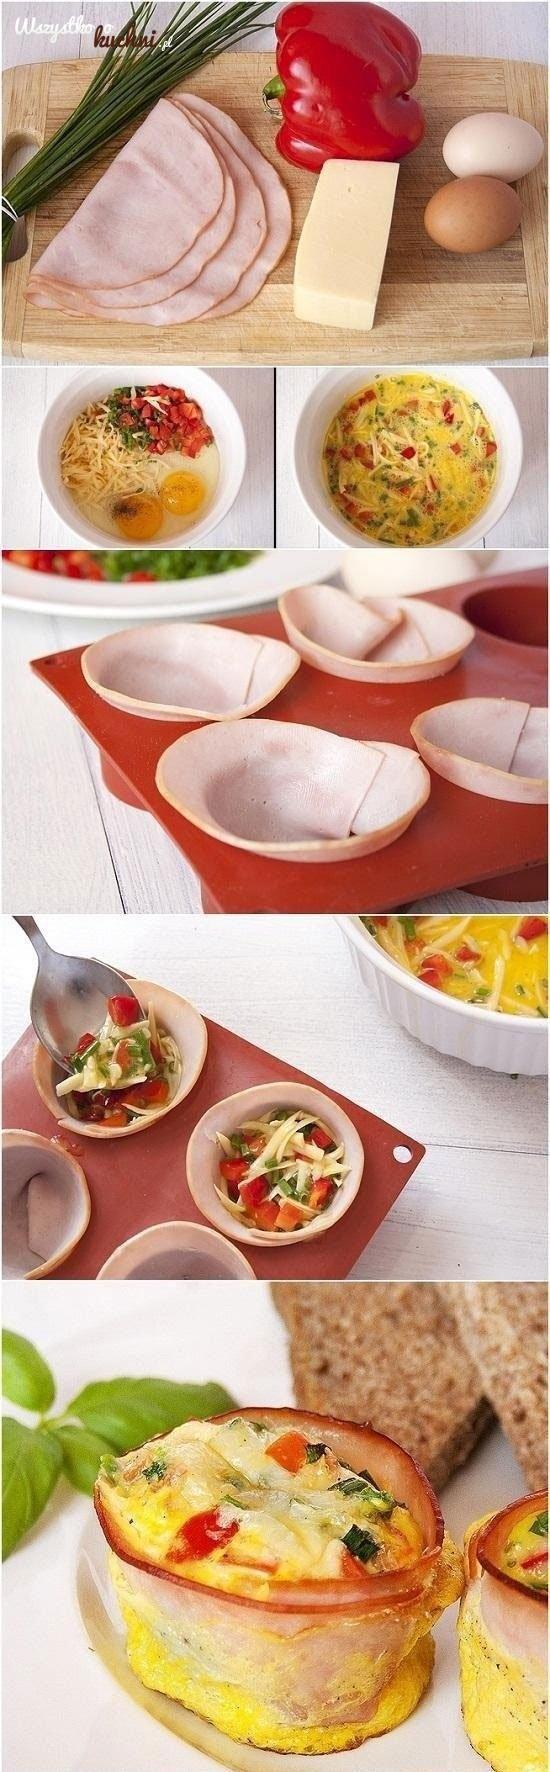 Zobacz jak zrobić jajka zapiekane w kokilkach z szynką i...